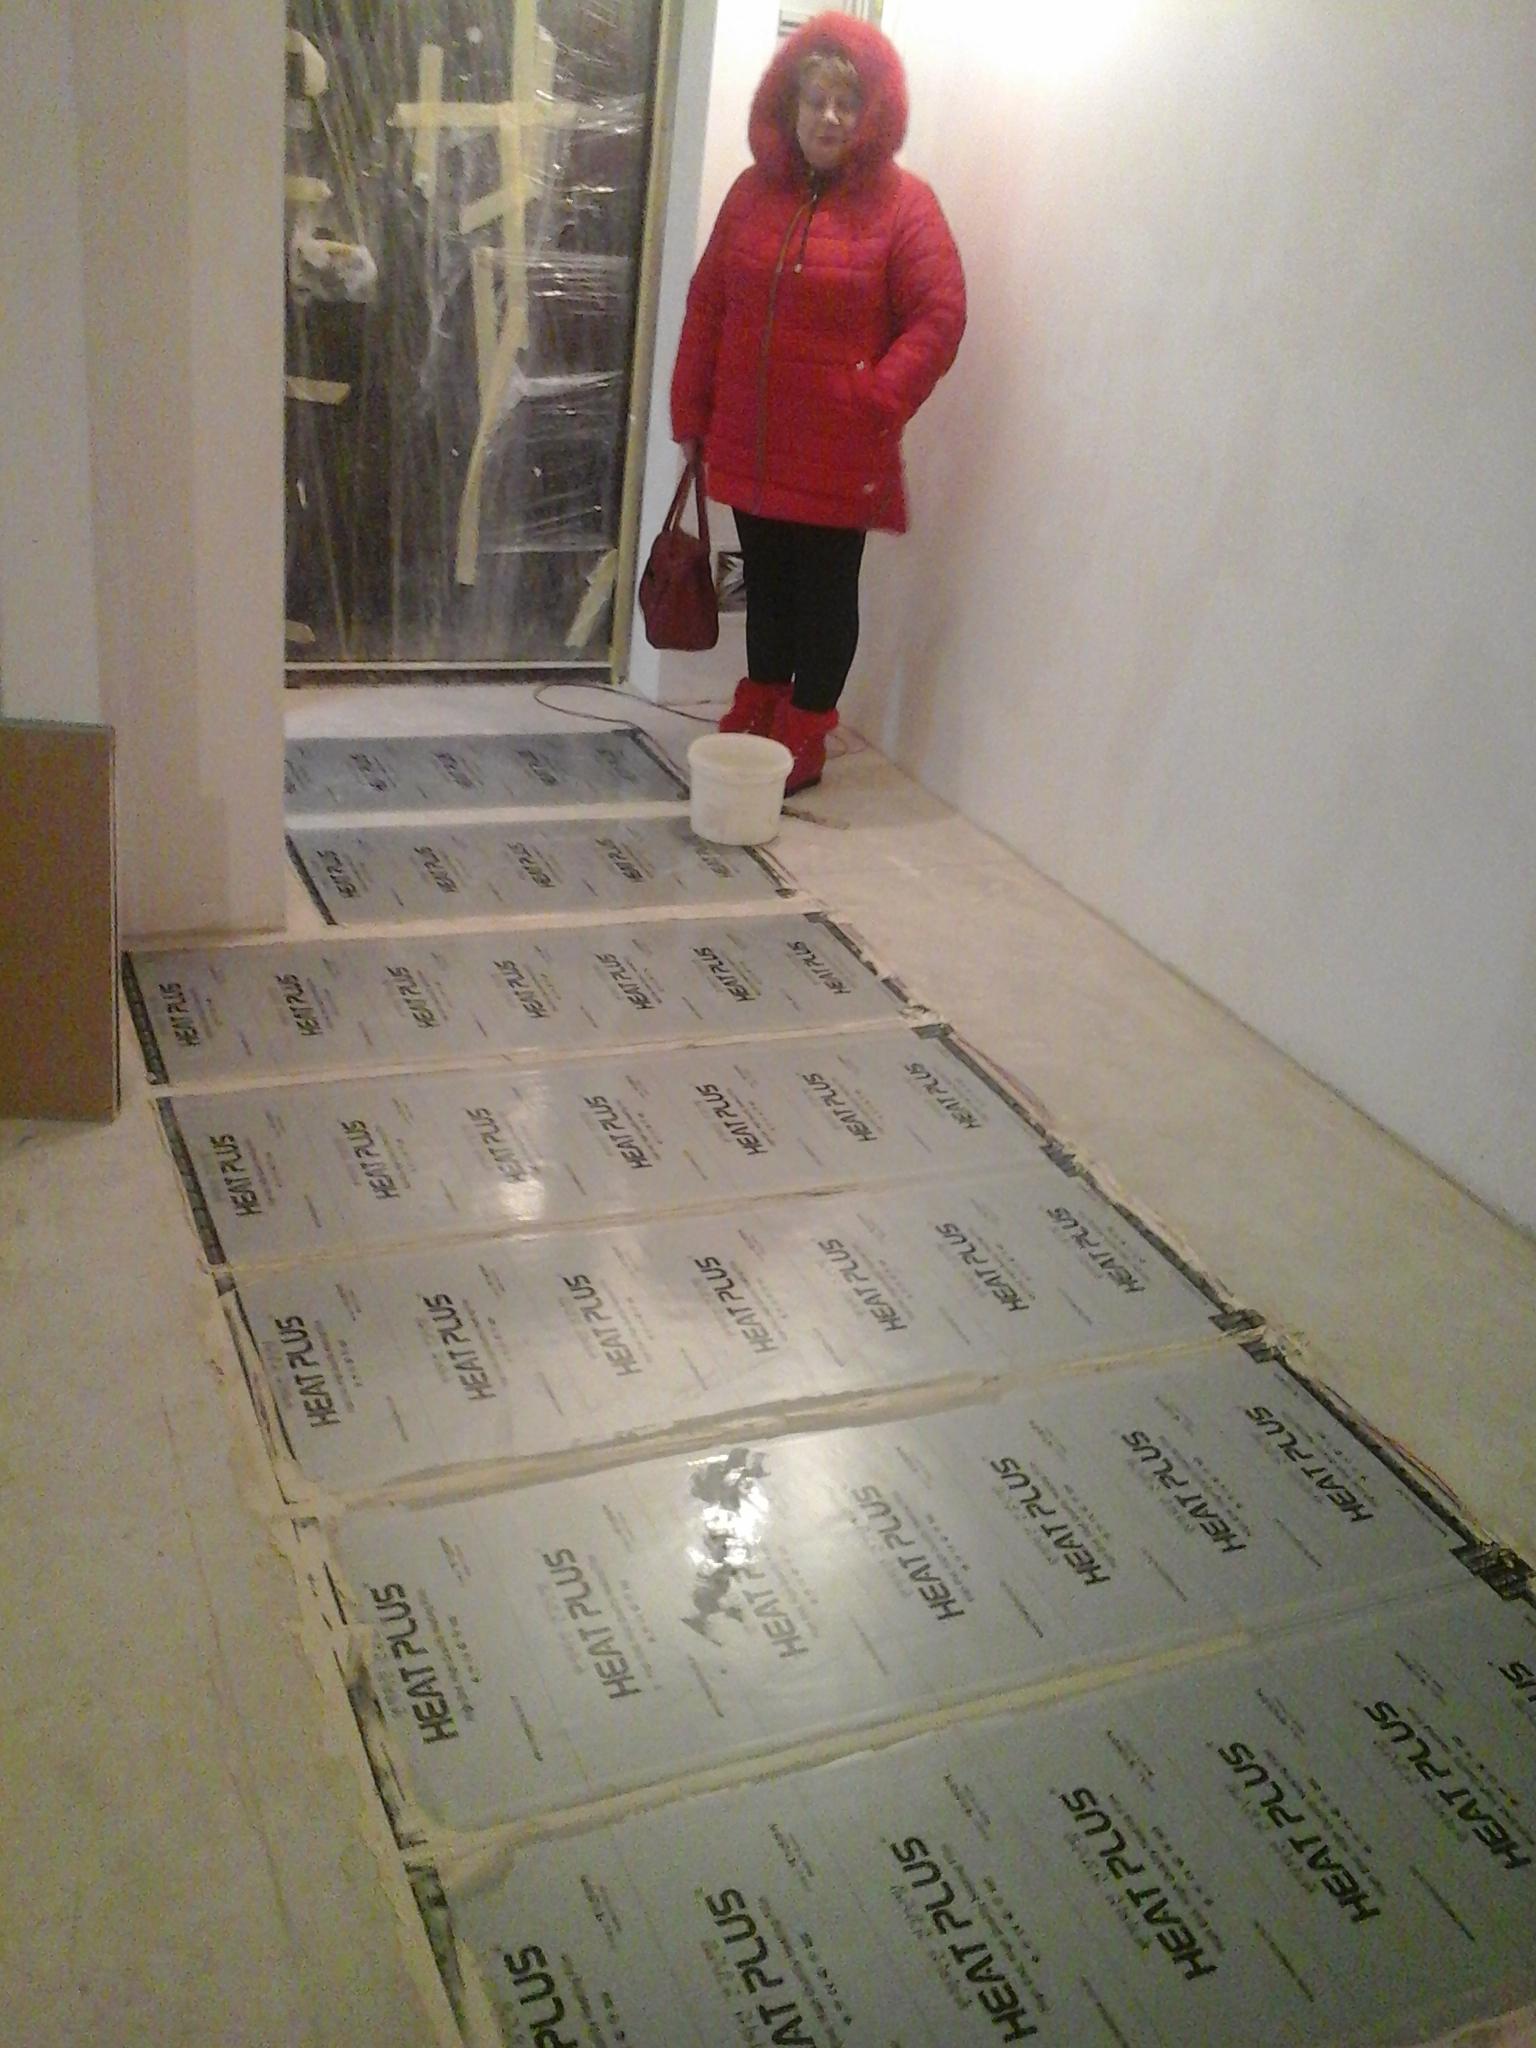 Фото Установка инфракрасного пленочного теплого пола  г. Киев ул. Метрологическая 11, коридор.